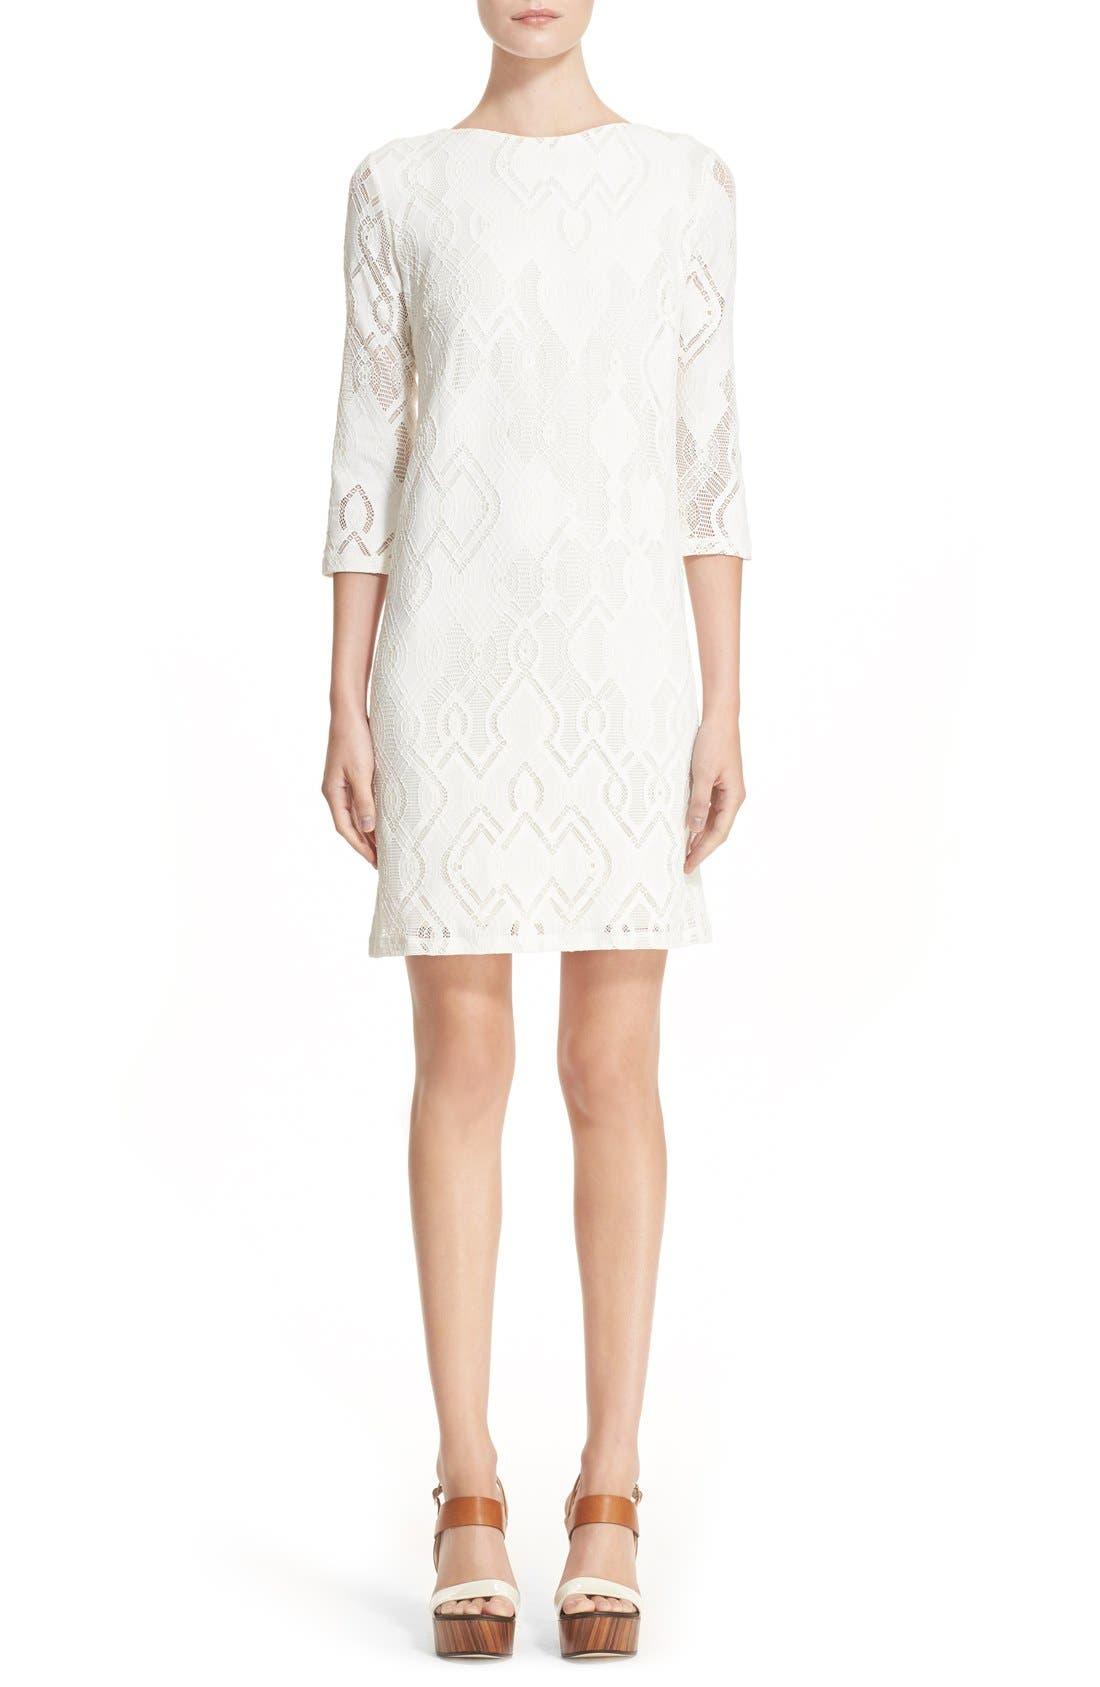 Alternate Image 1 Selected - Fuzzi Lace Shift Dress